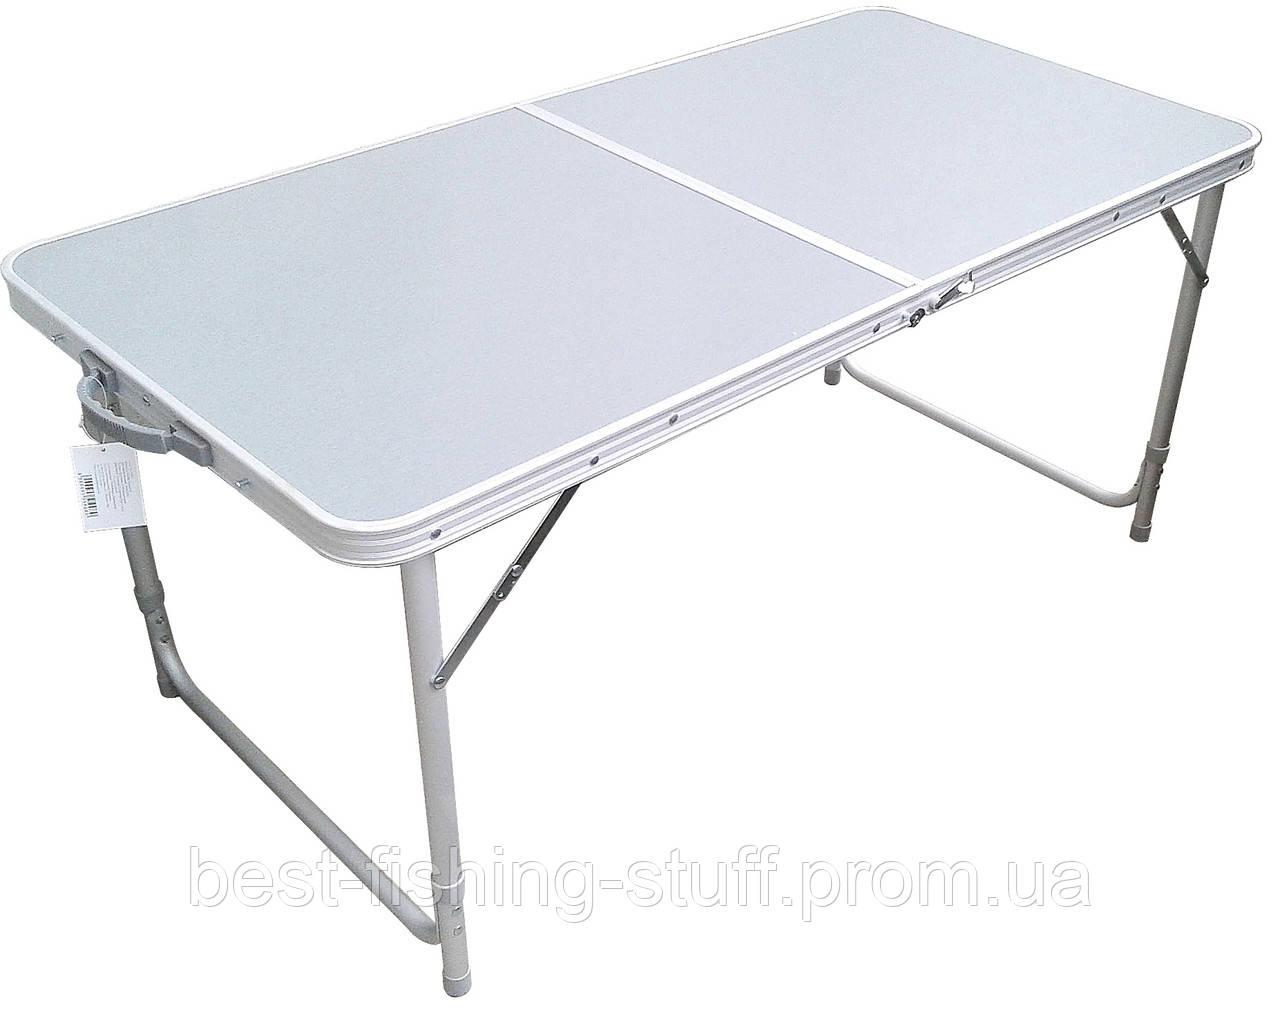 Стол для кемпинга Ranger TA 21407